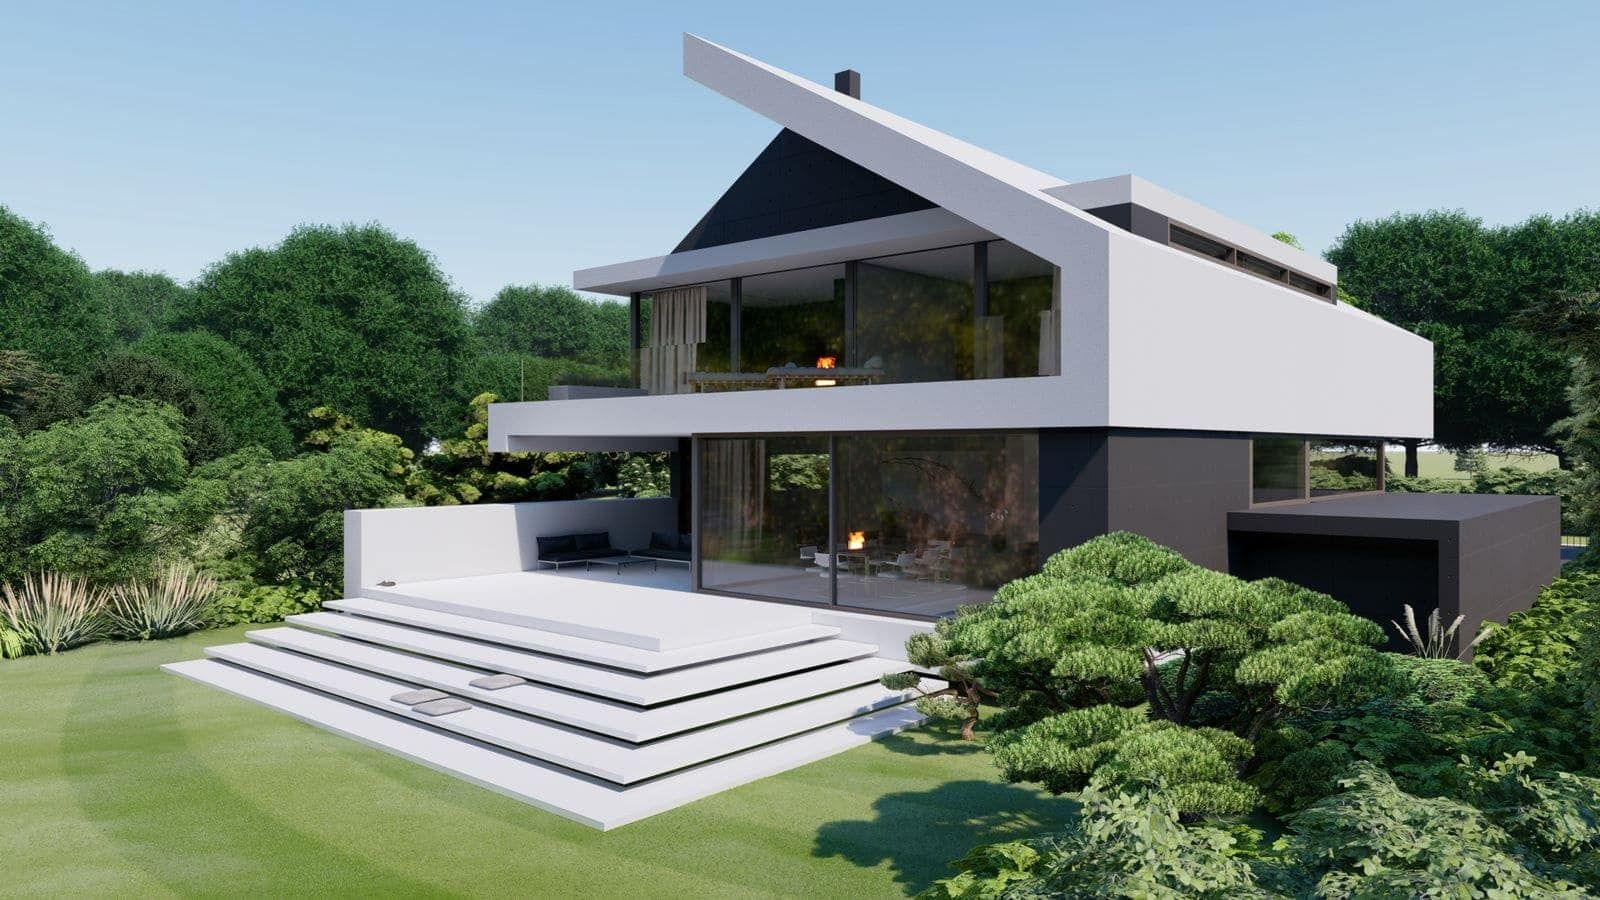 Modernes Satteldachhaus 7 In 2020 Moderne Hauser Mit Satteldach Moderne Hausfassade Satteldach Modern